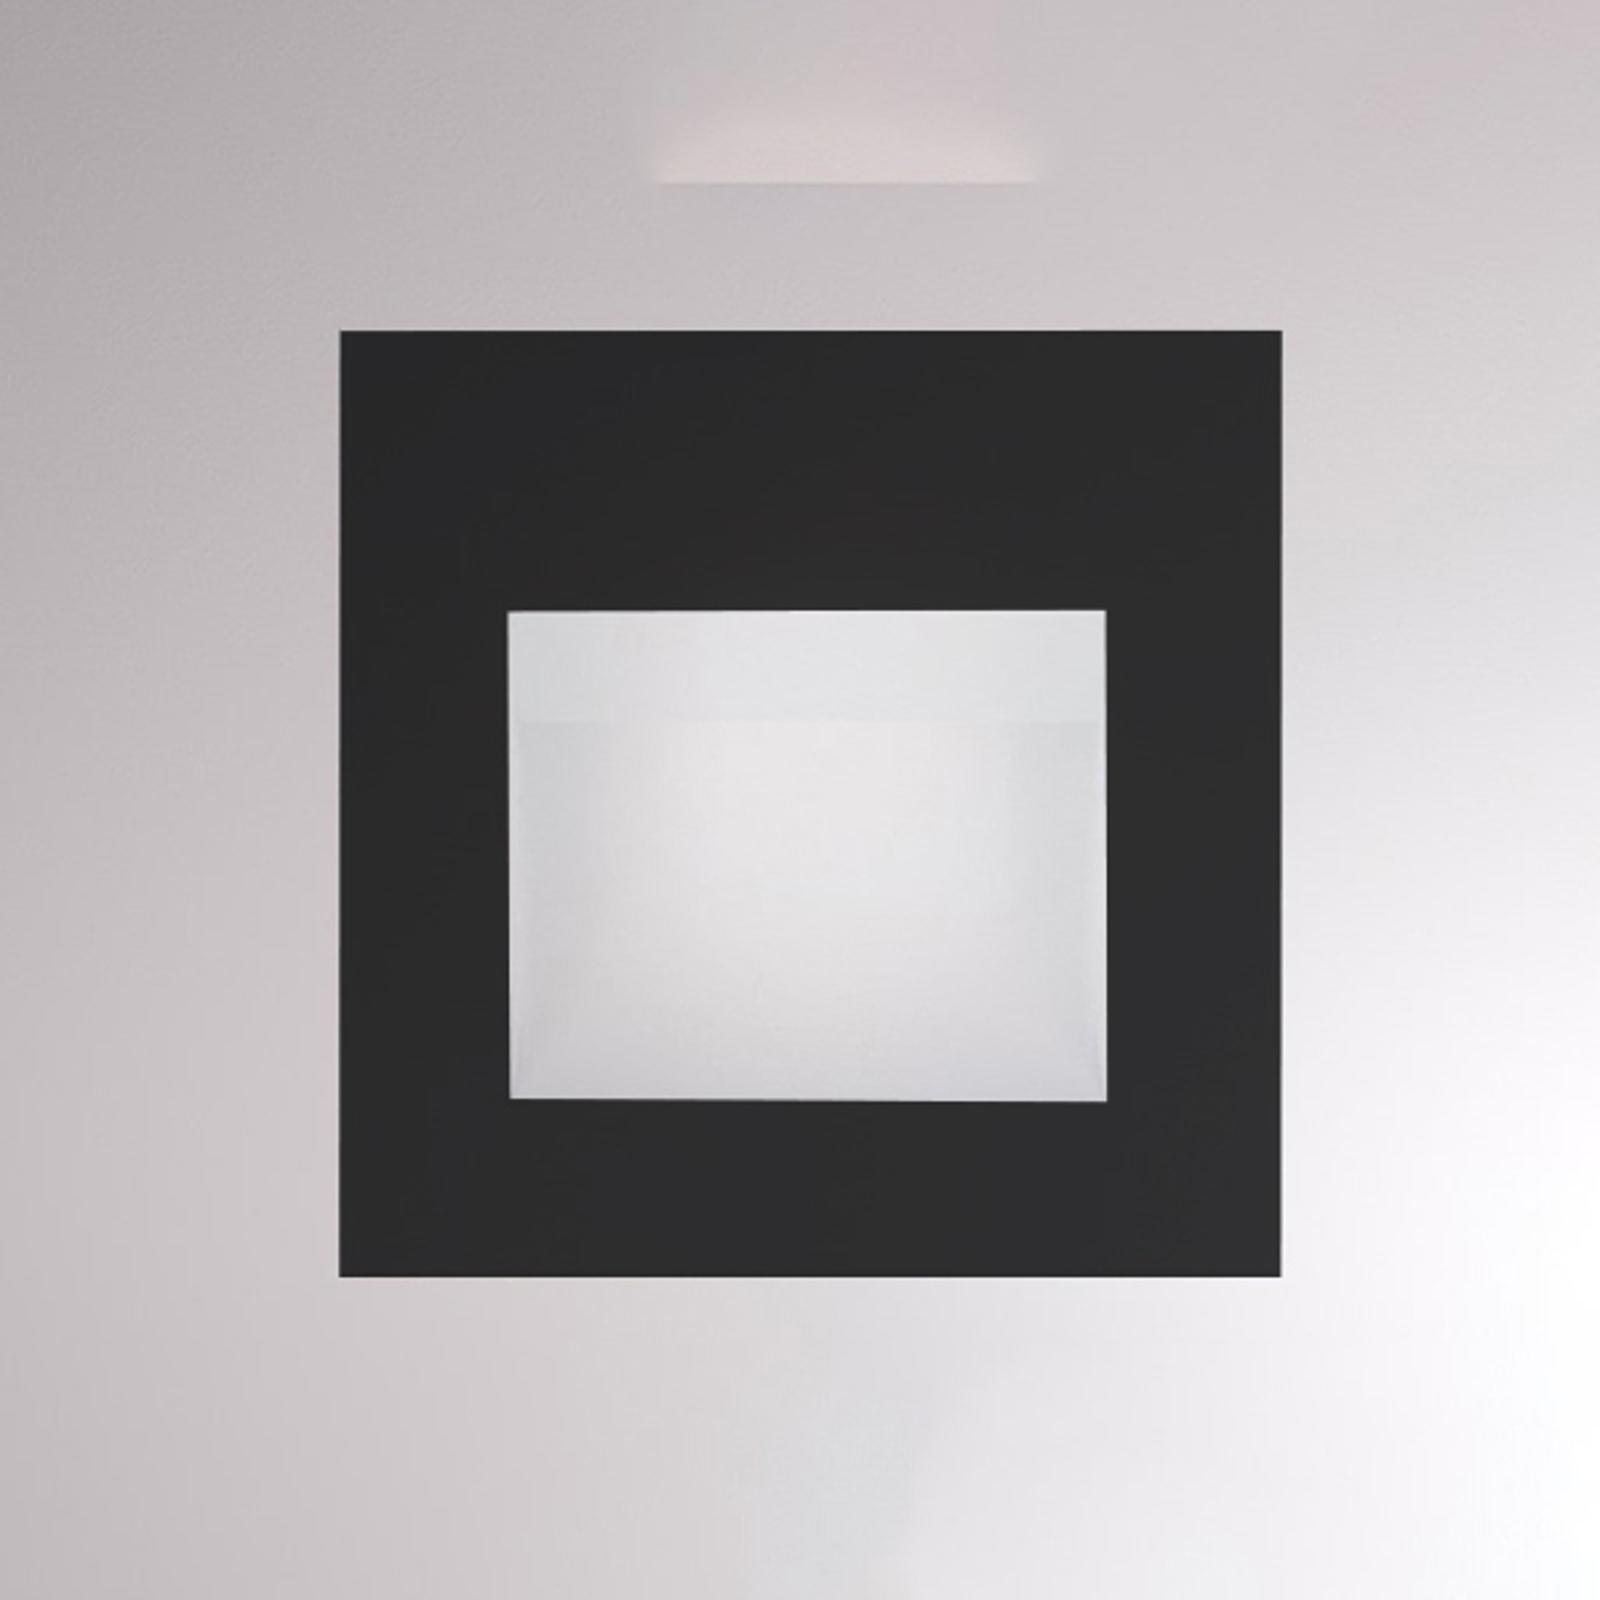 LED-Wandeinbauleuchte Pan, schwarz